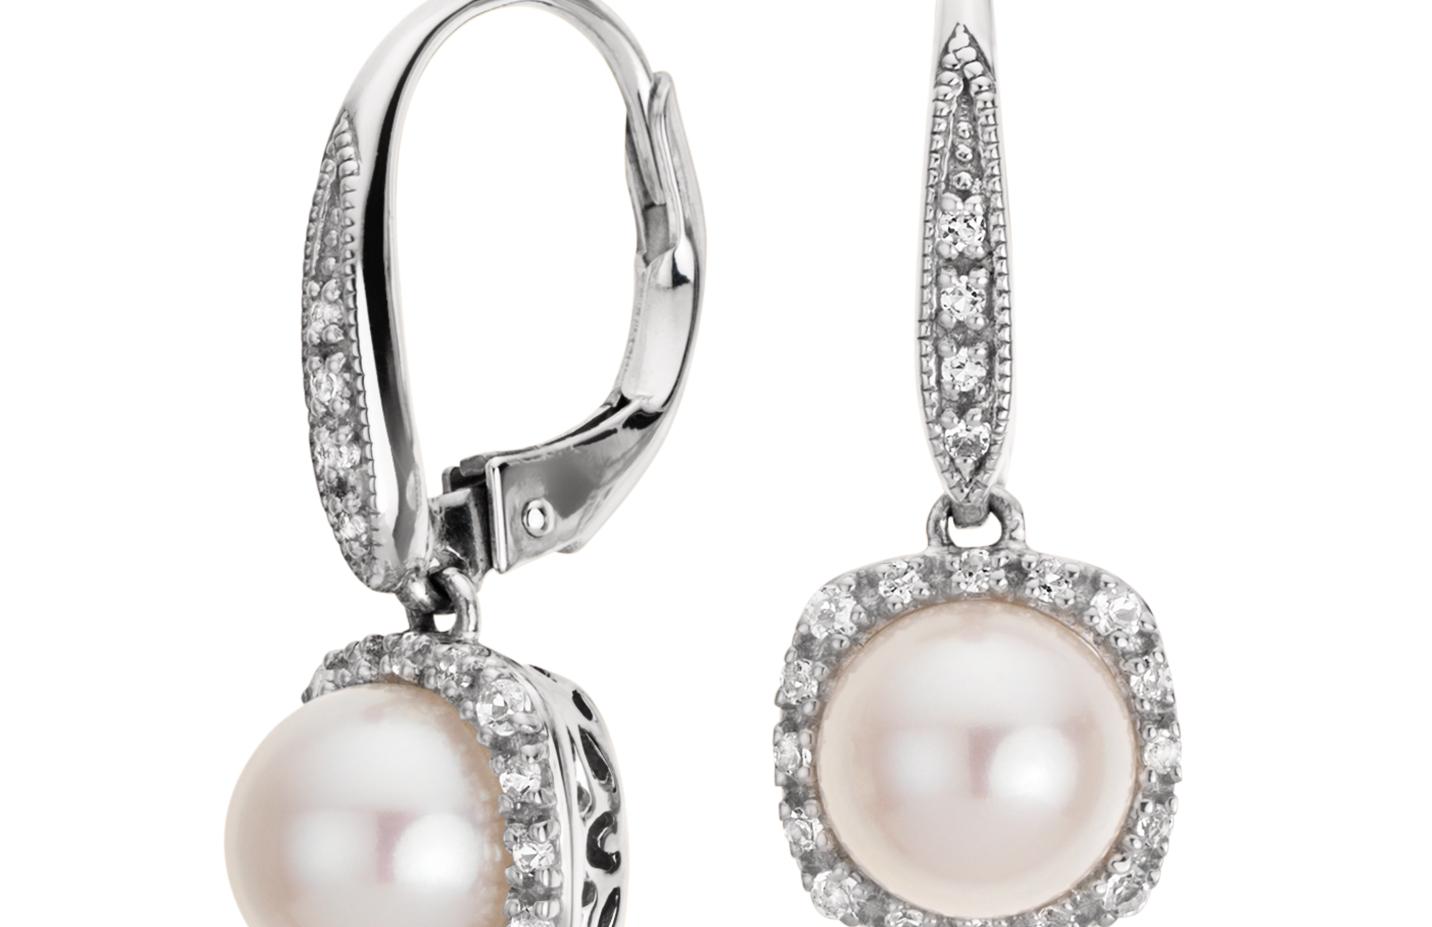 Aretes colgantes con topacio blanco y perlas cultivadas de agua dulce en plata de ley (7mm)